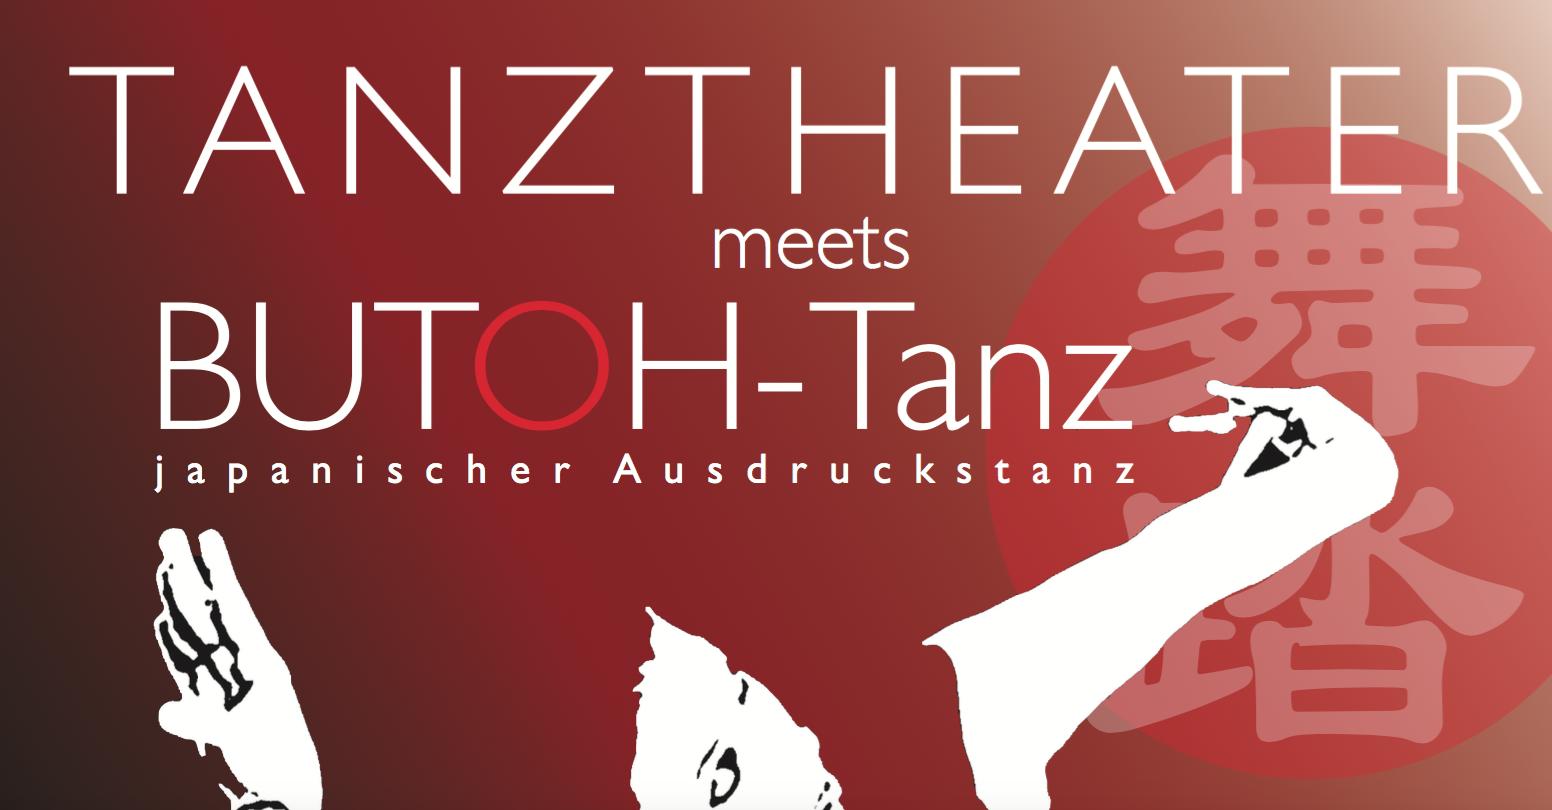 Tanztheater meets Butohtanz